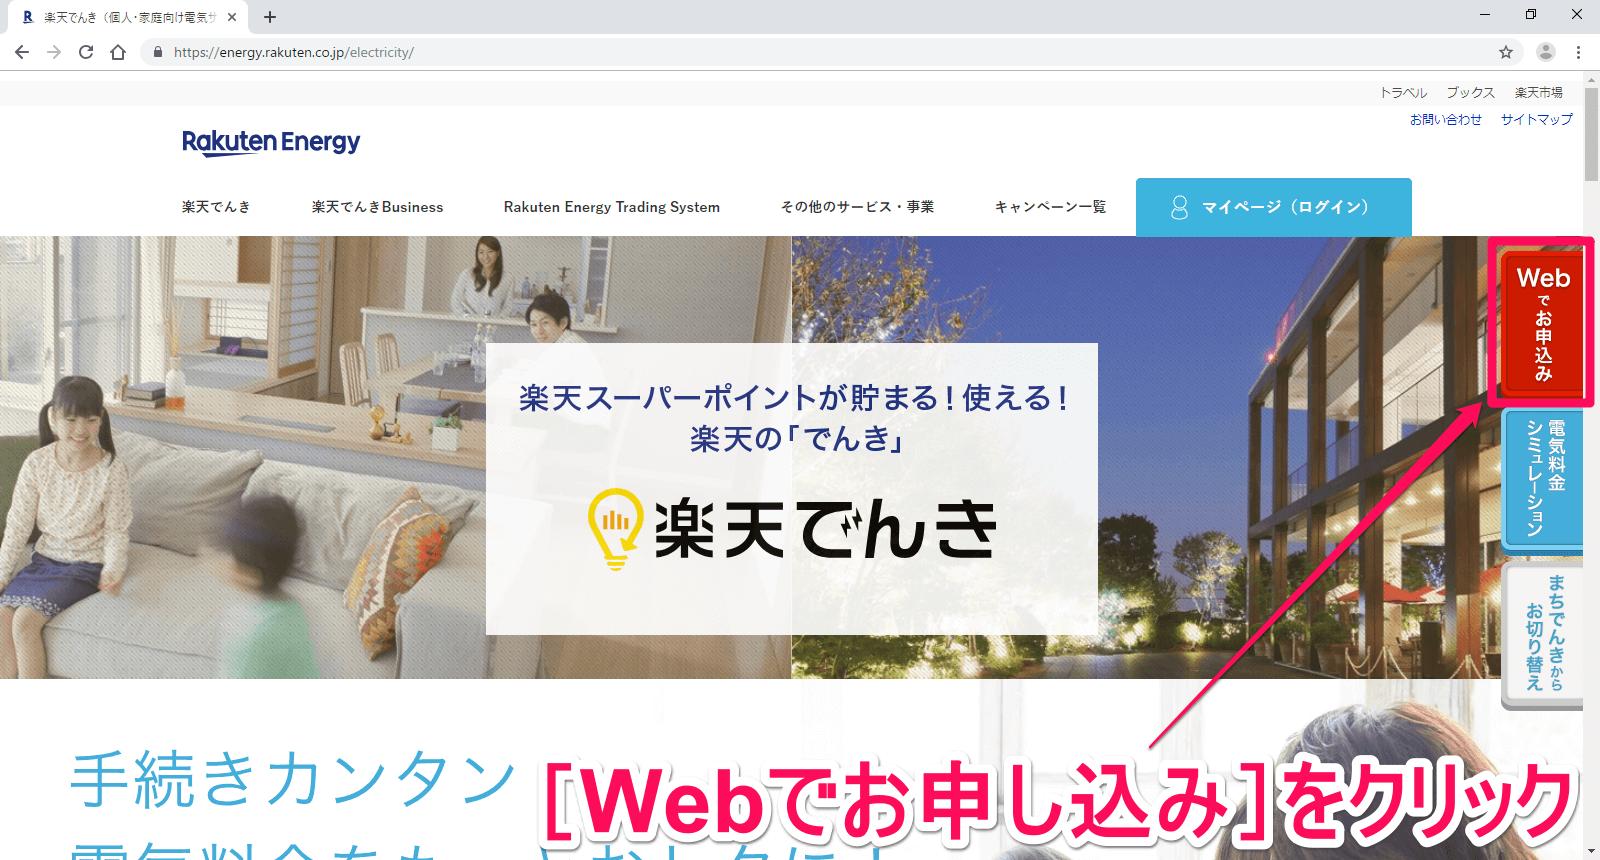 楽天でんき(楽天電気)のWebページ